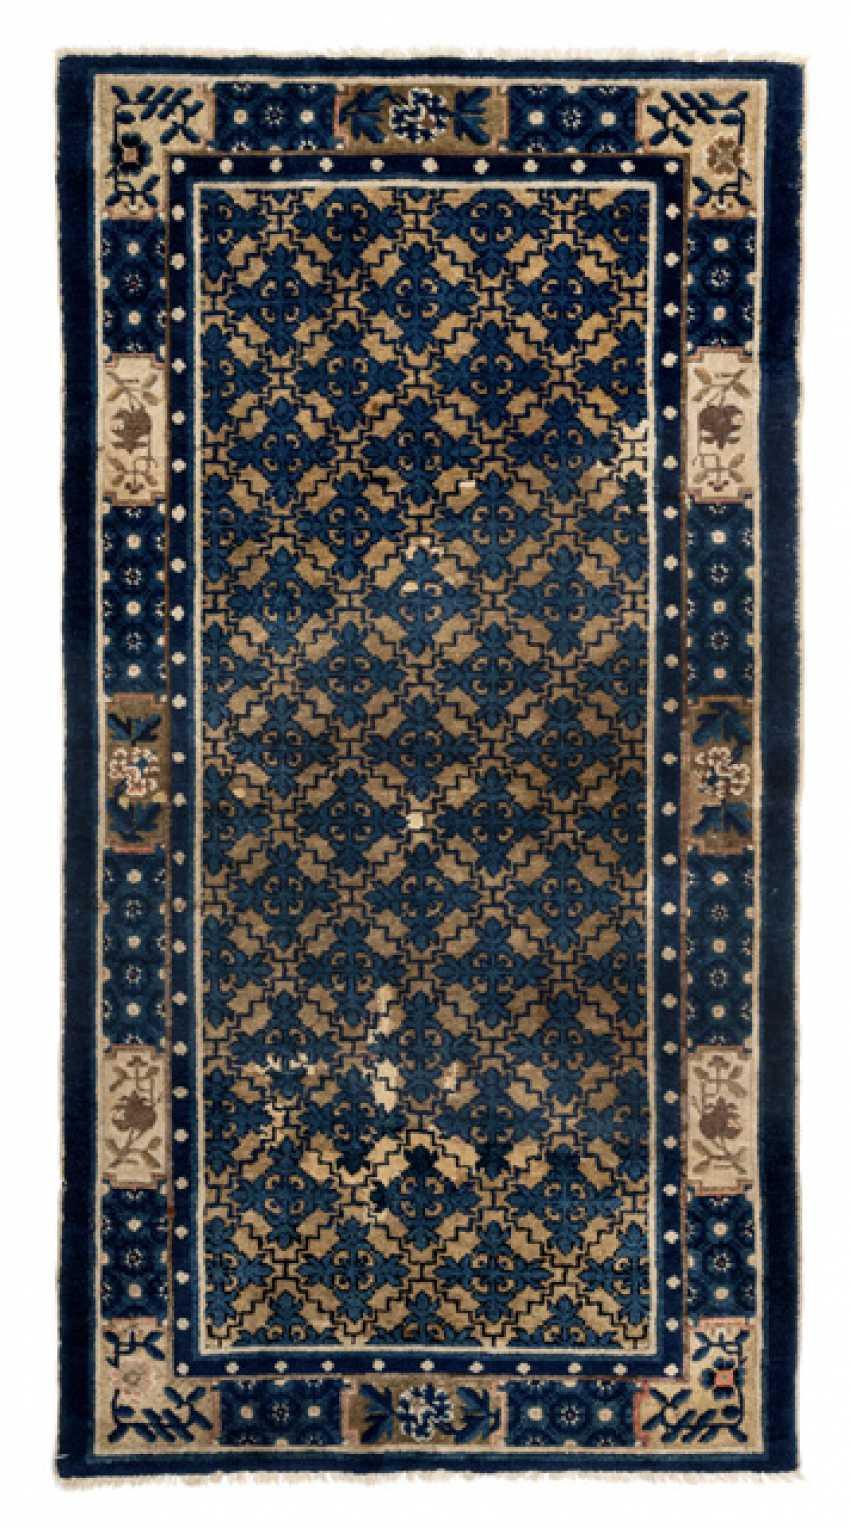 los 1102 blau gelber teppich mit rautenmuster und blumenranken aus dem katalog 104 japan. Black Bedroom Furniture Sets. Home Design Ideas